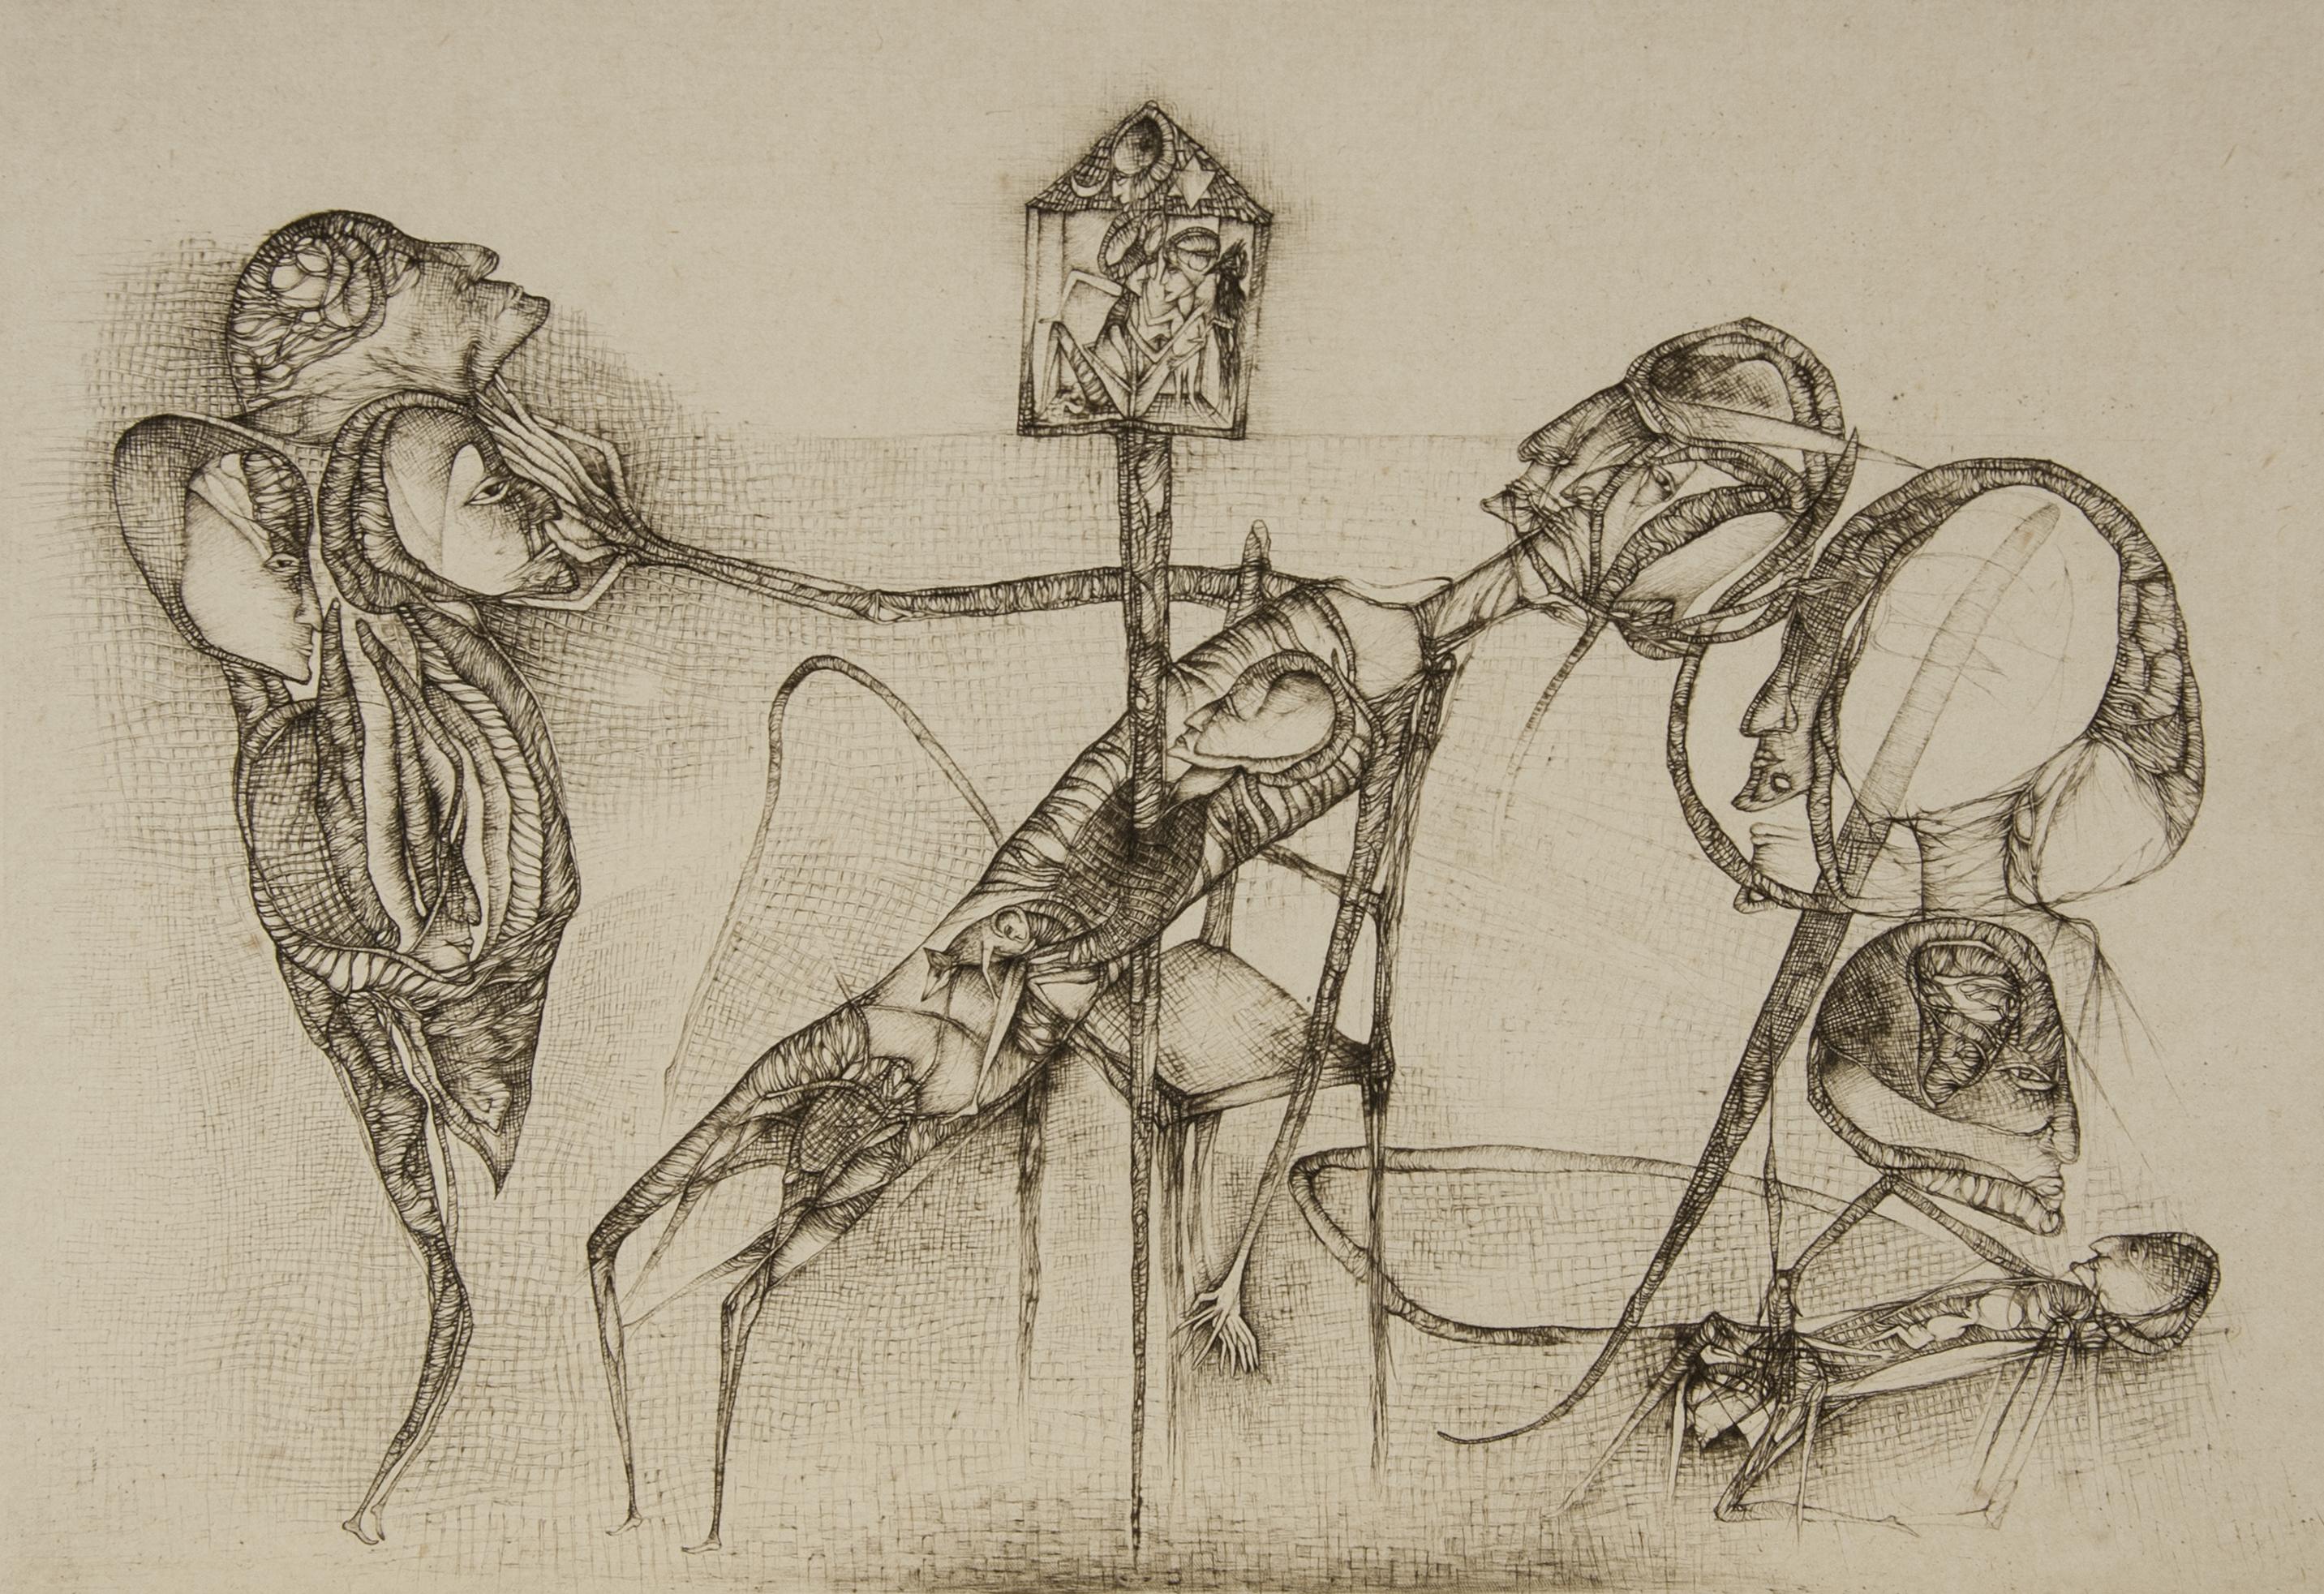 """Cécile Reims, Le Reliquaire lituanien, d'après Fred Deux """"La Réalité imaginaire"""", 1999 Gravure sur p"""